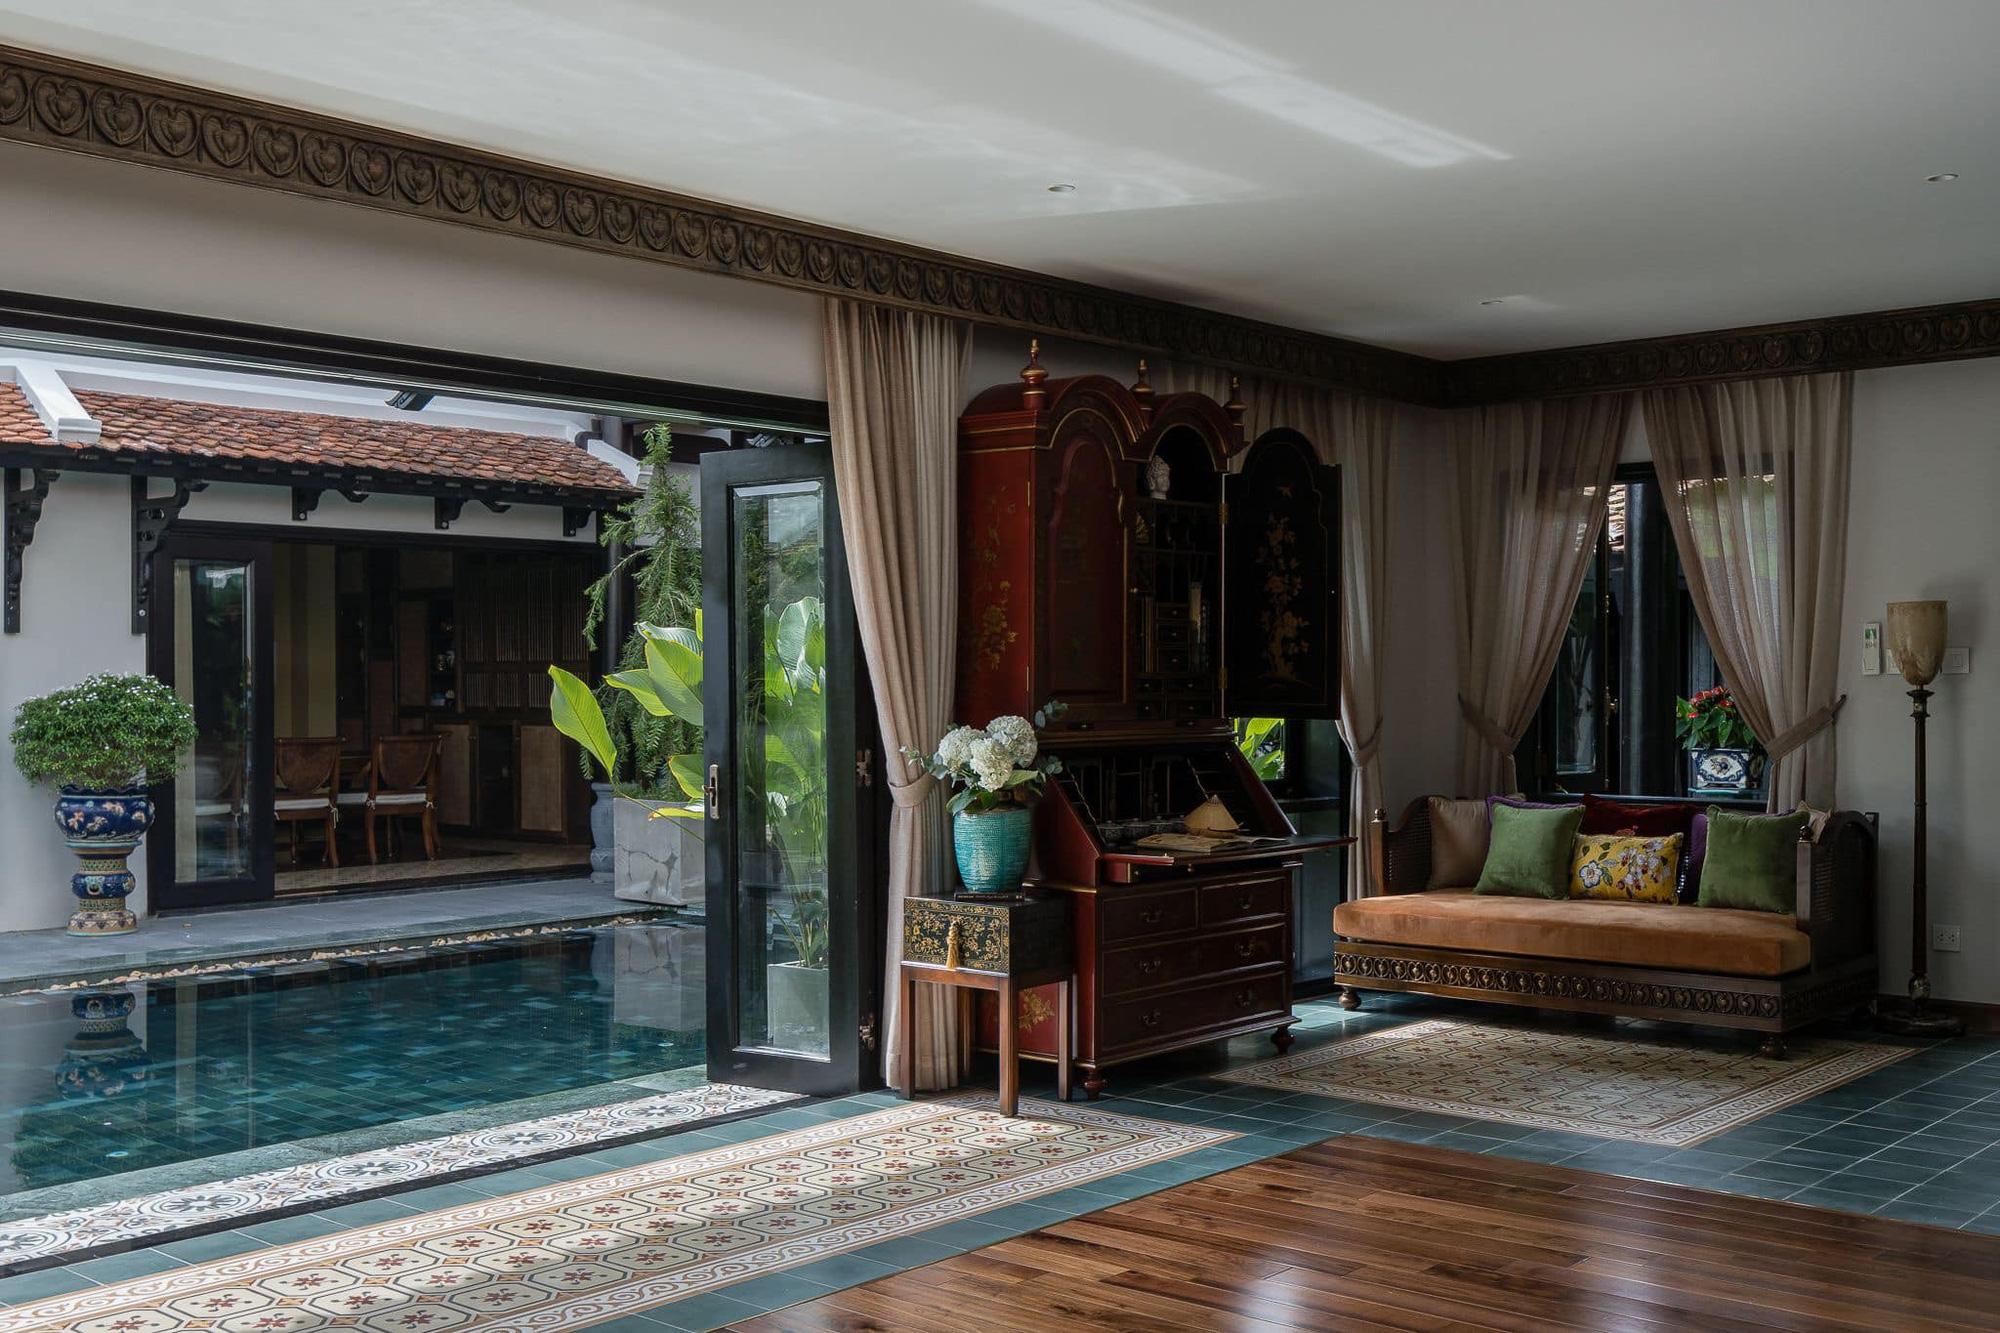 Ngôi nhà 400m2 tại Thảo Điền - Quận 2 được thiết kế từ ngôi biệt thự cổ, không gian thiên nhiên mê đắm lòng người - Ảnh 5.